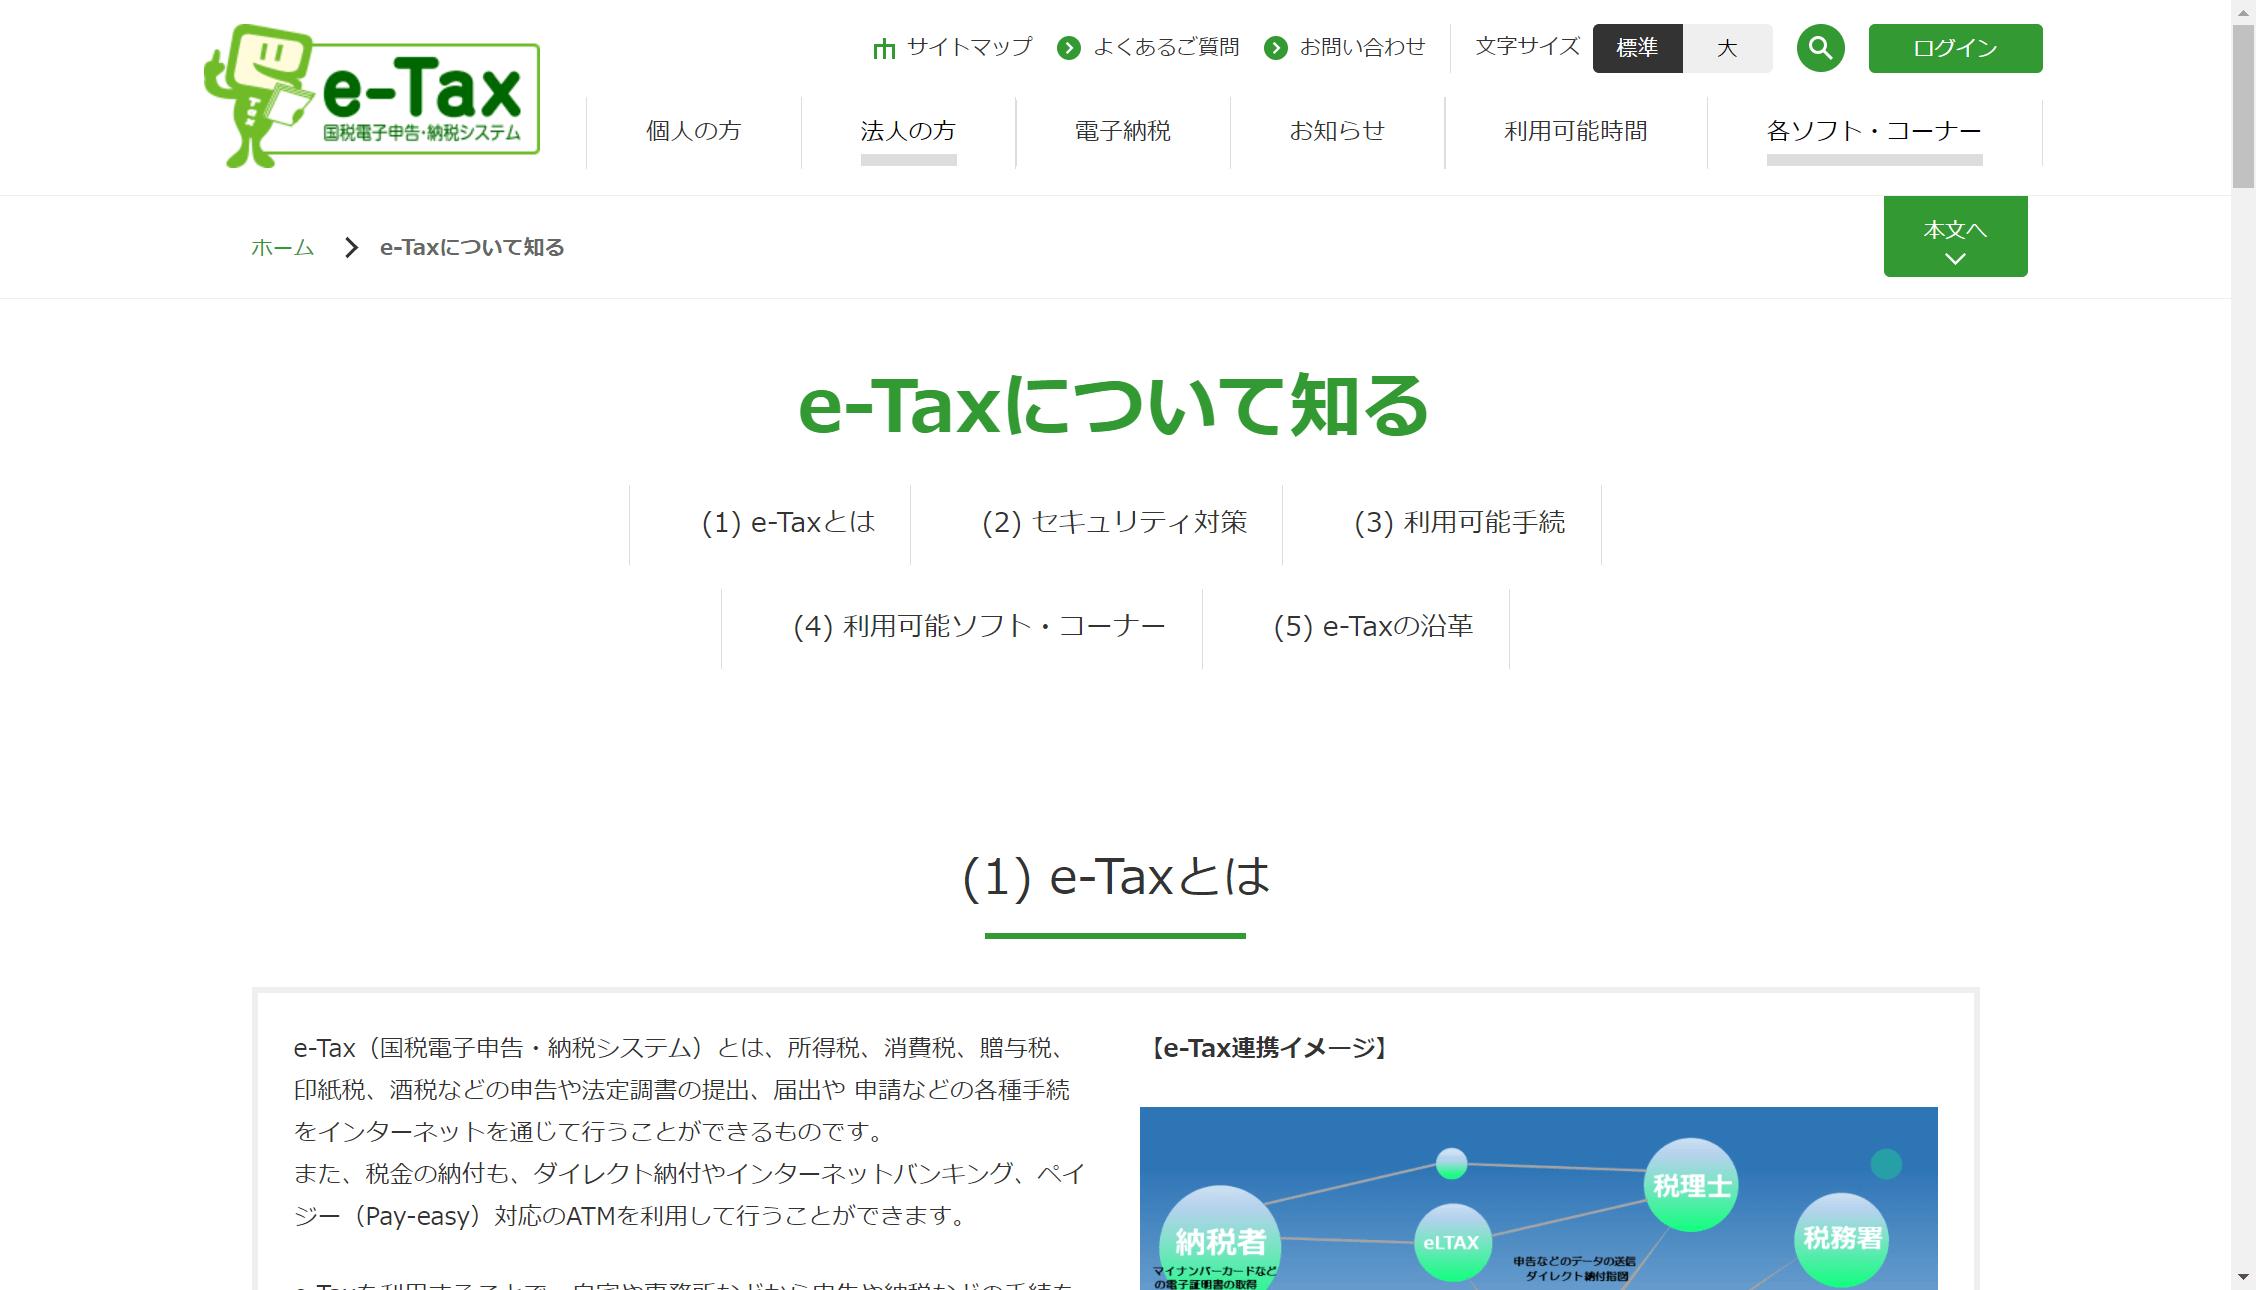 青色申告特別控除の65万円を受けるためにe-Taxの準備